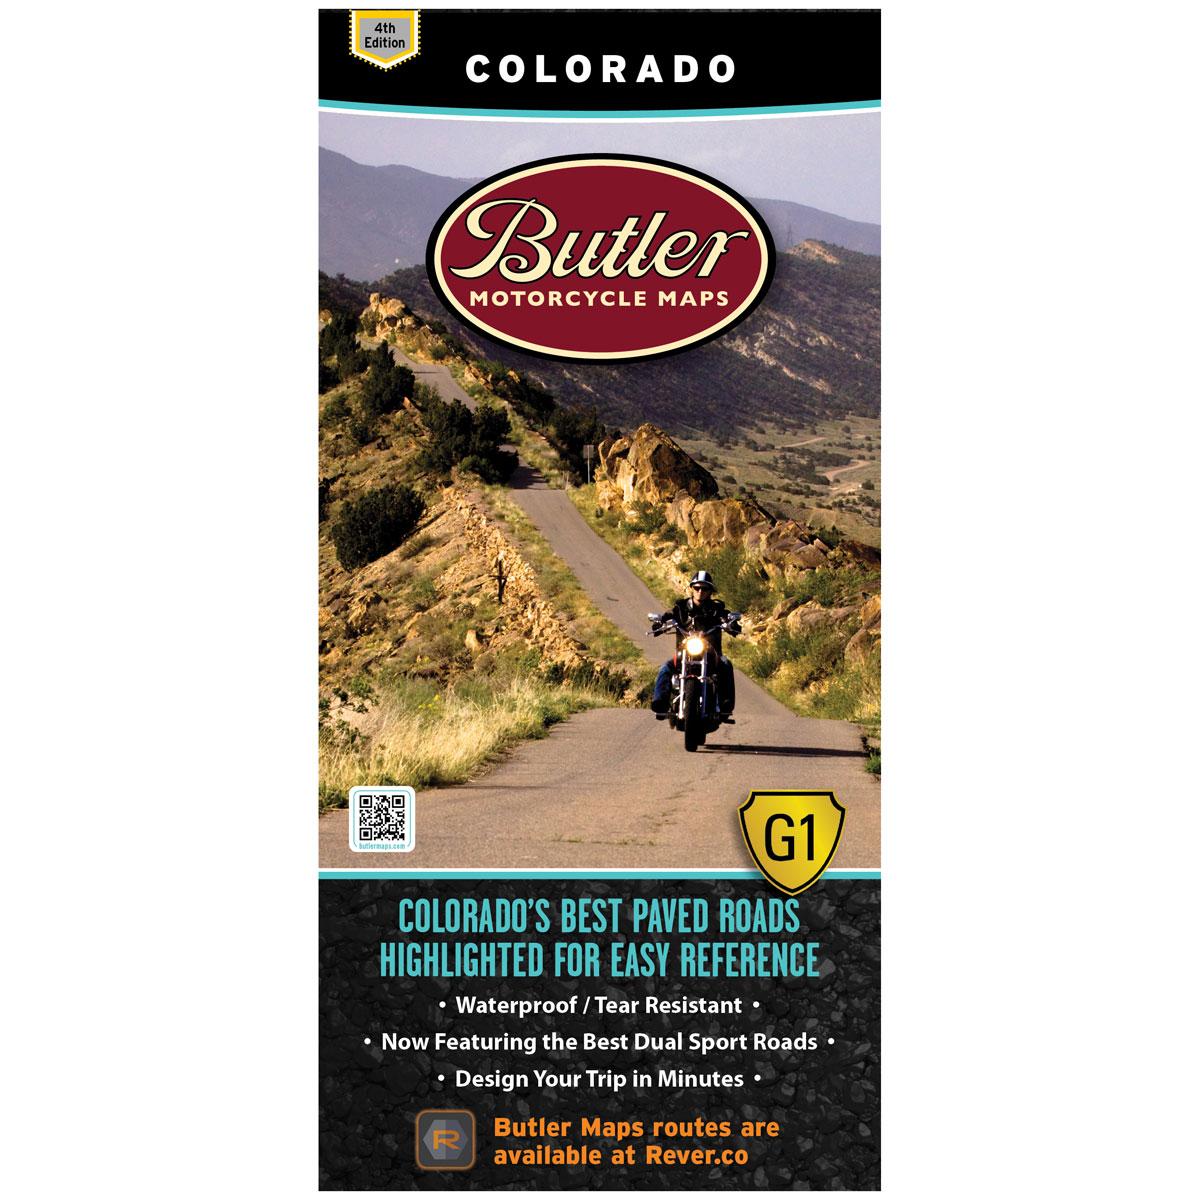 Butler Maps G1 Colorado Motorcycle Map